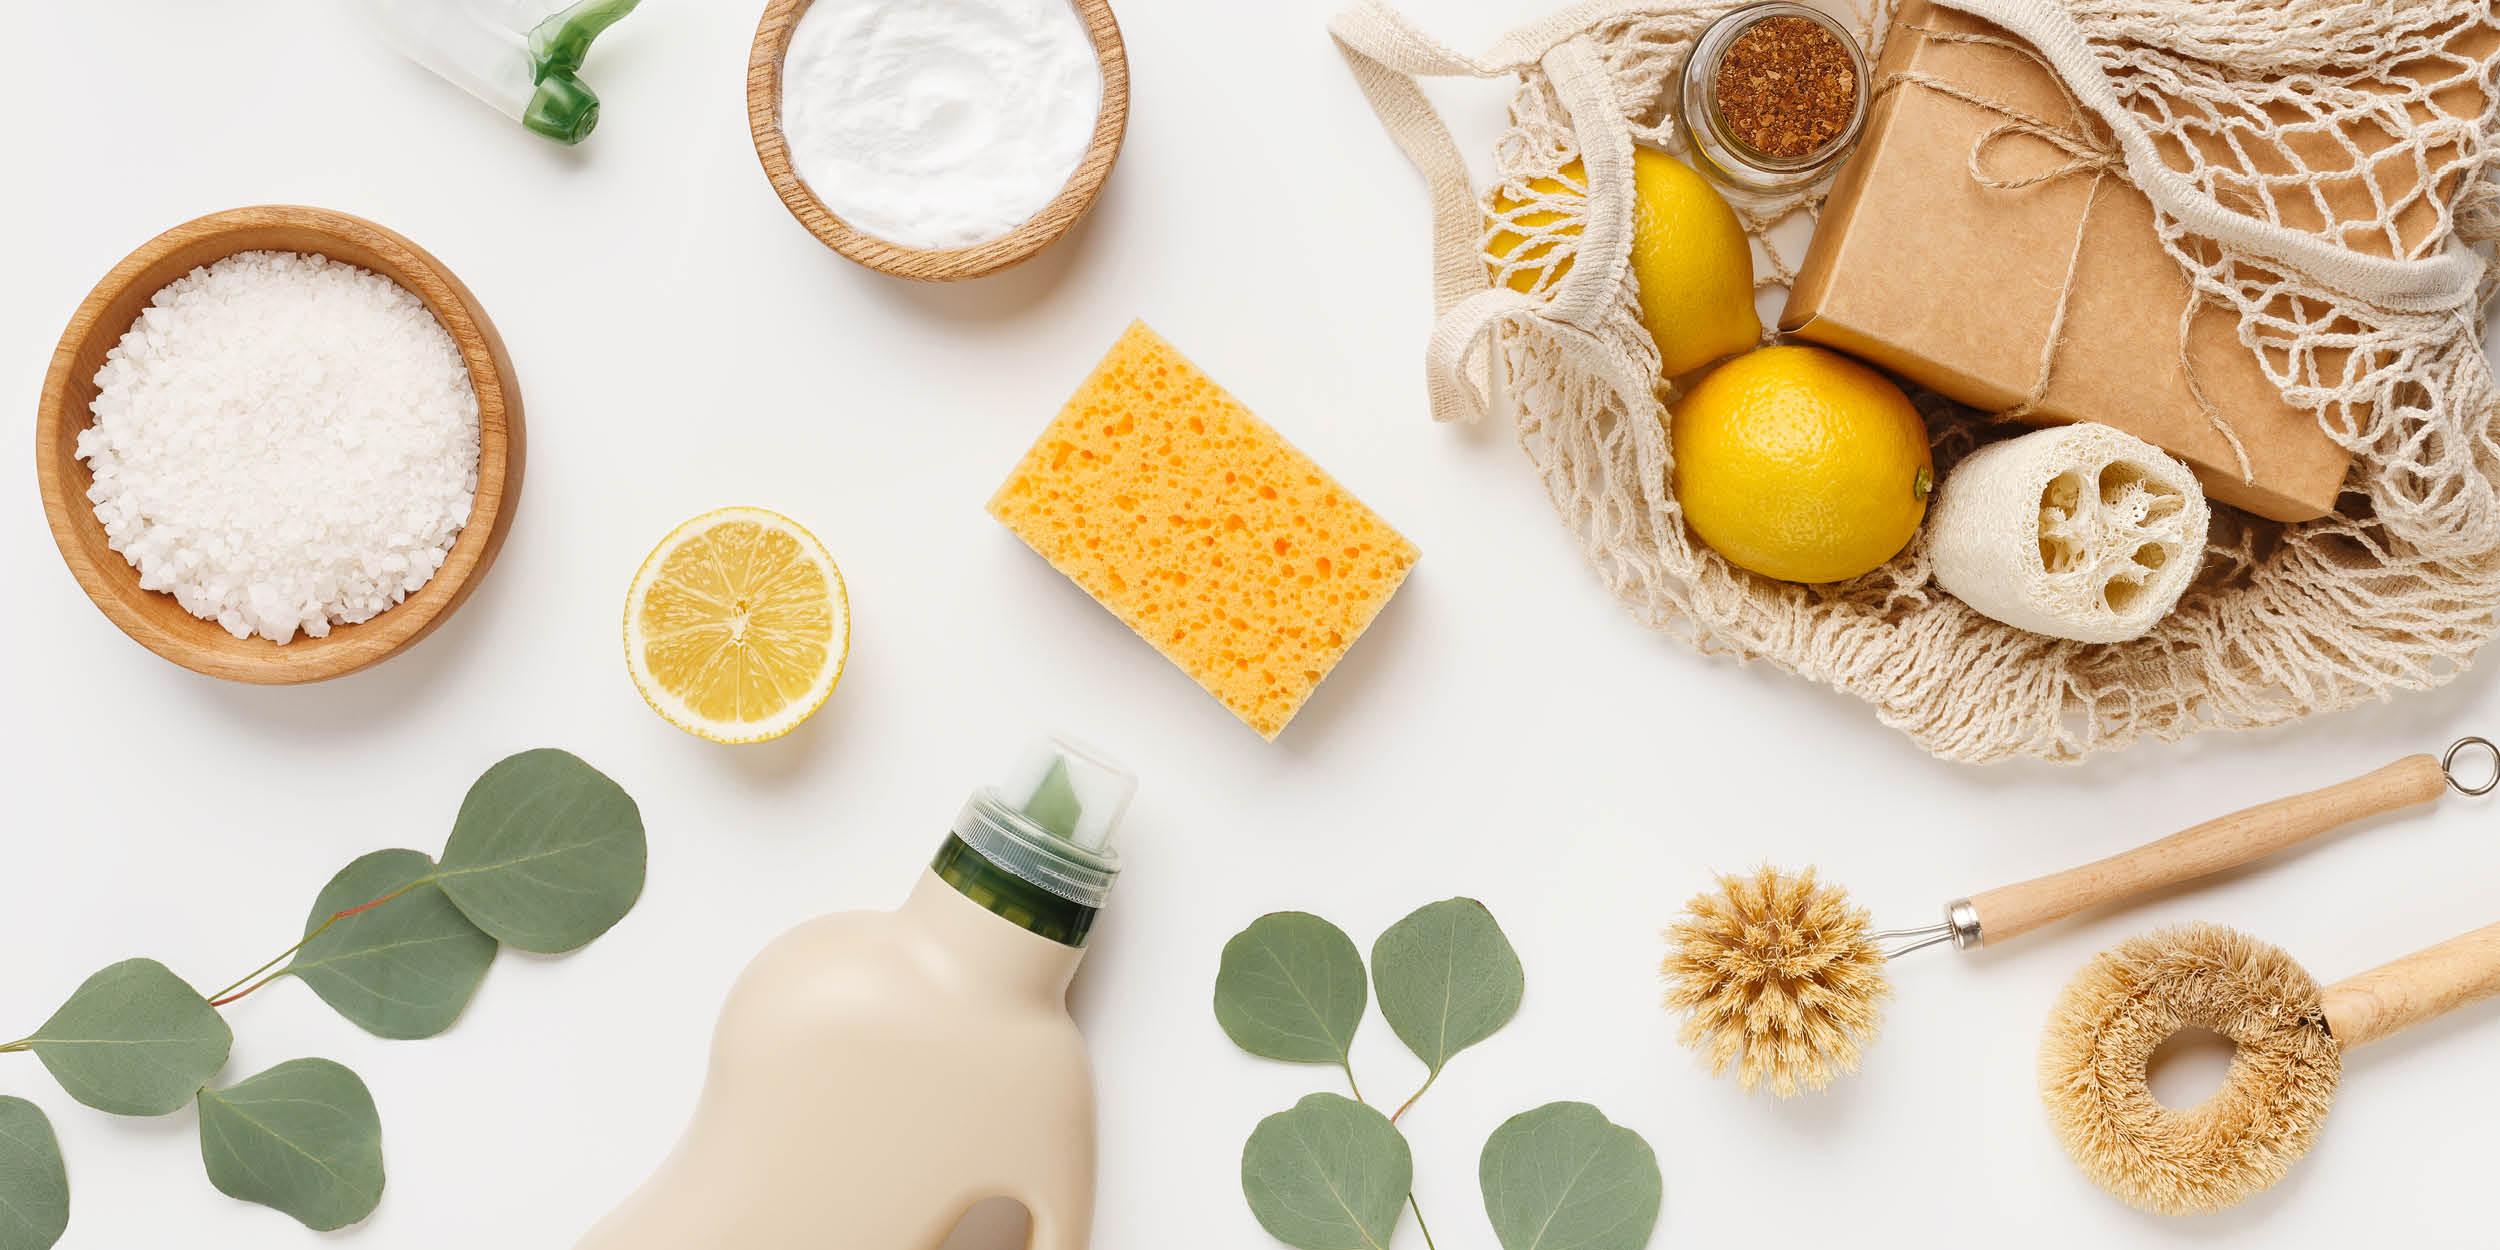 Zero-waste kitchen Say No To Toxic Dish Detergent